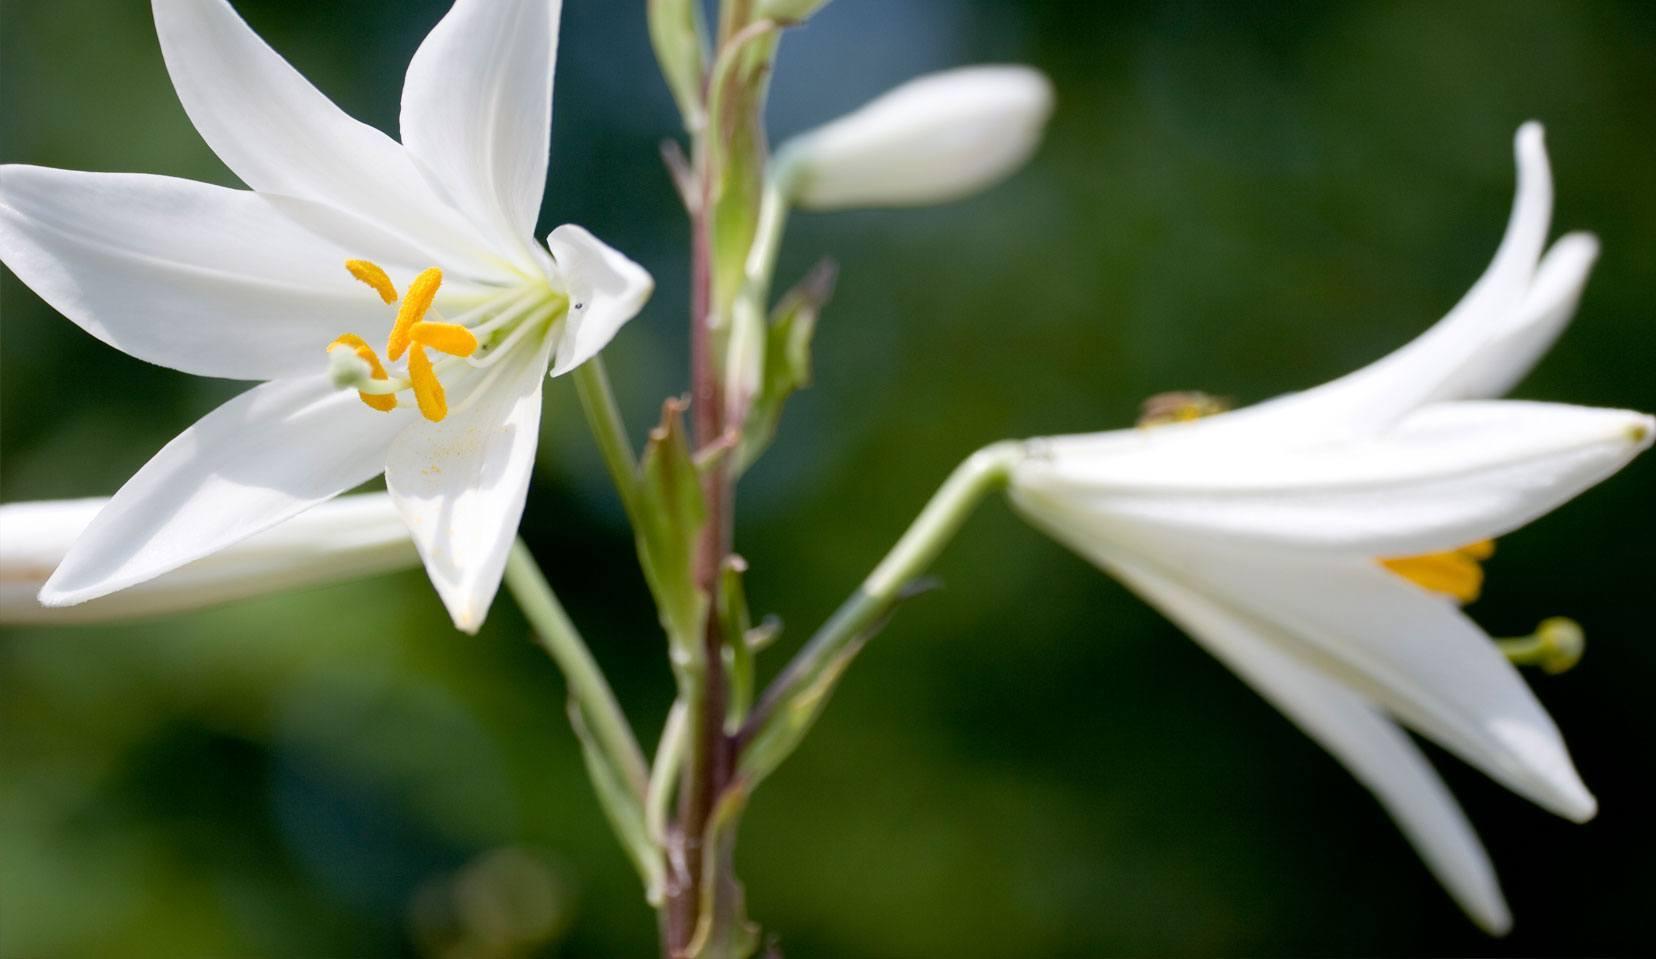 Azucena Lilium Candidum L Liliaceae Familia De Liliáceas Cosmética Natural Para El Cuidado De Rostro Y Cuerpo Dr Hauschka